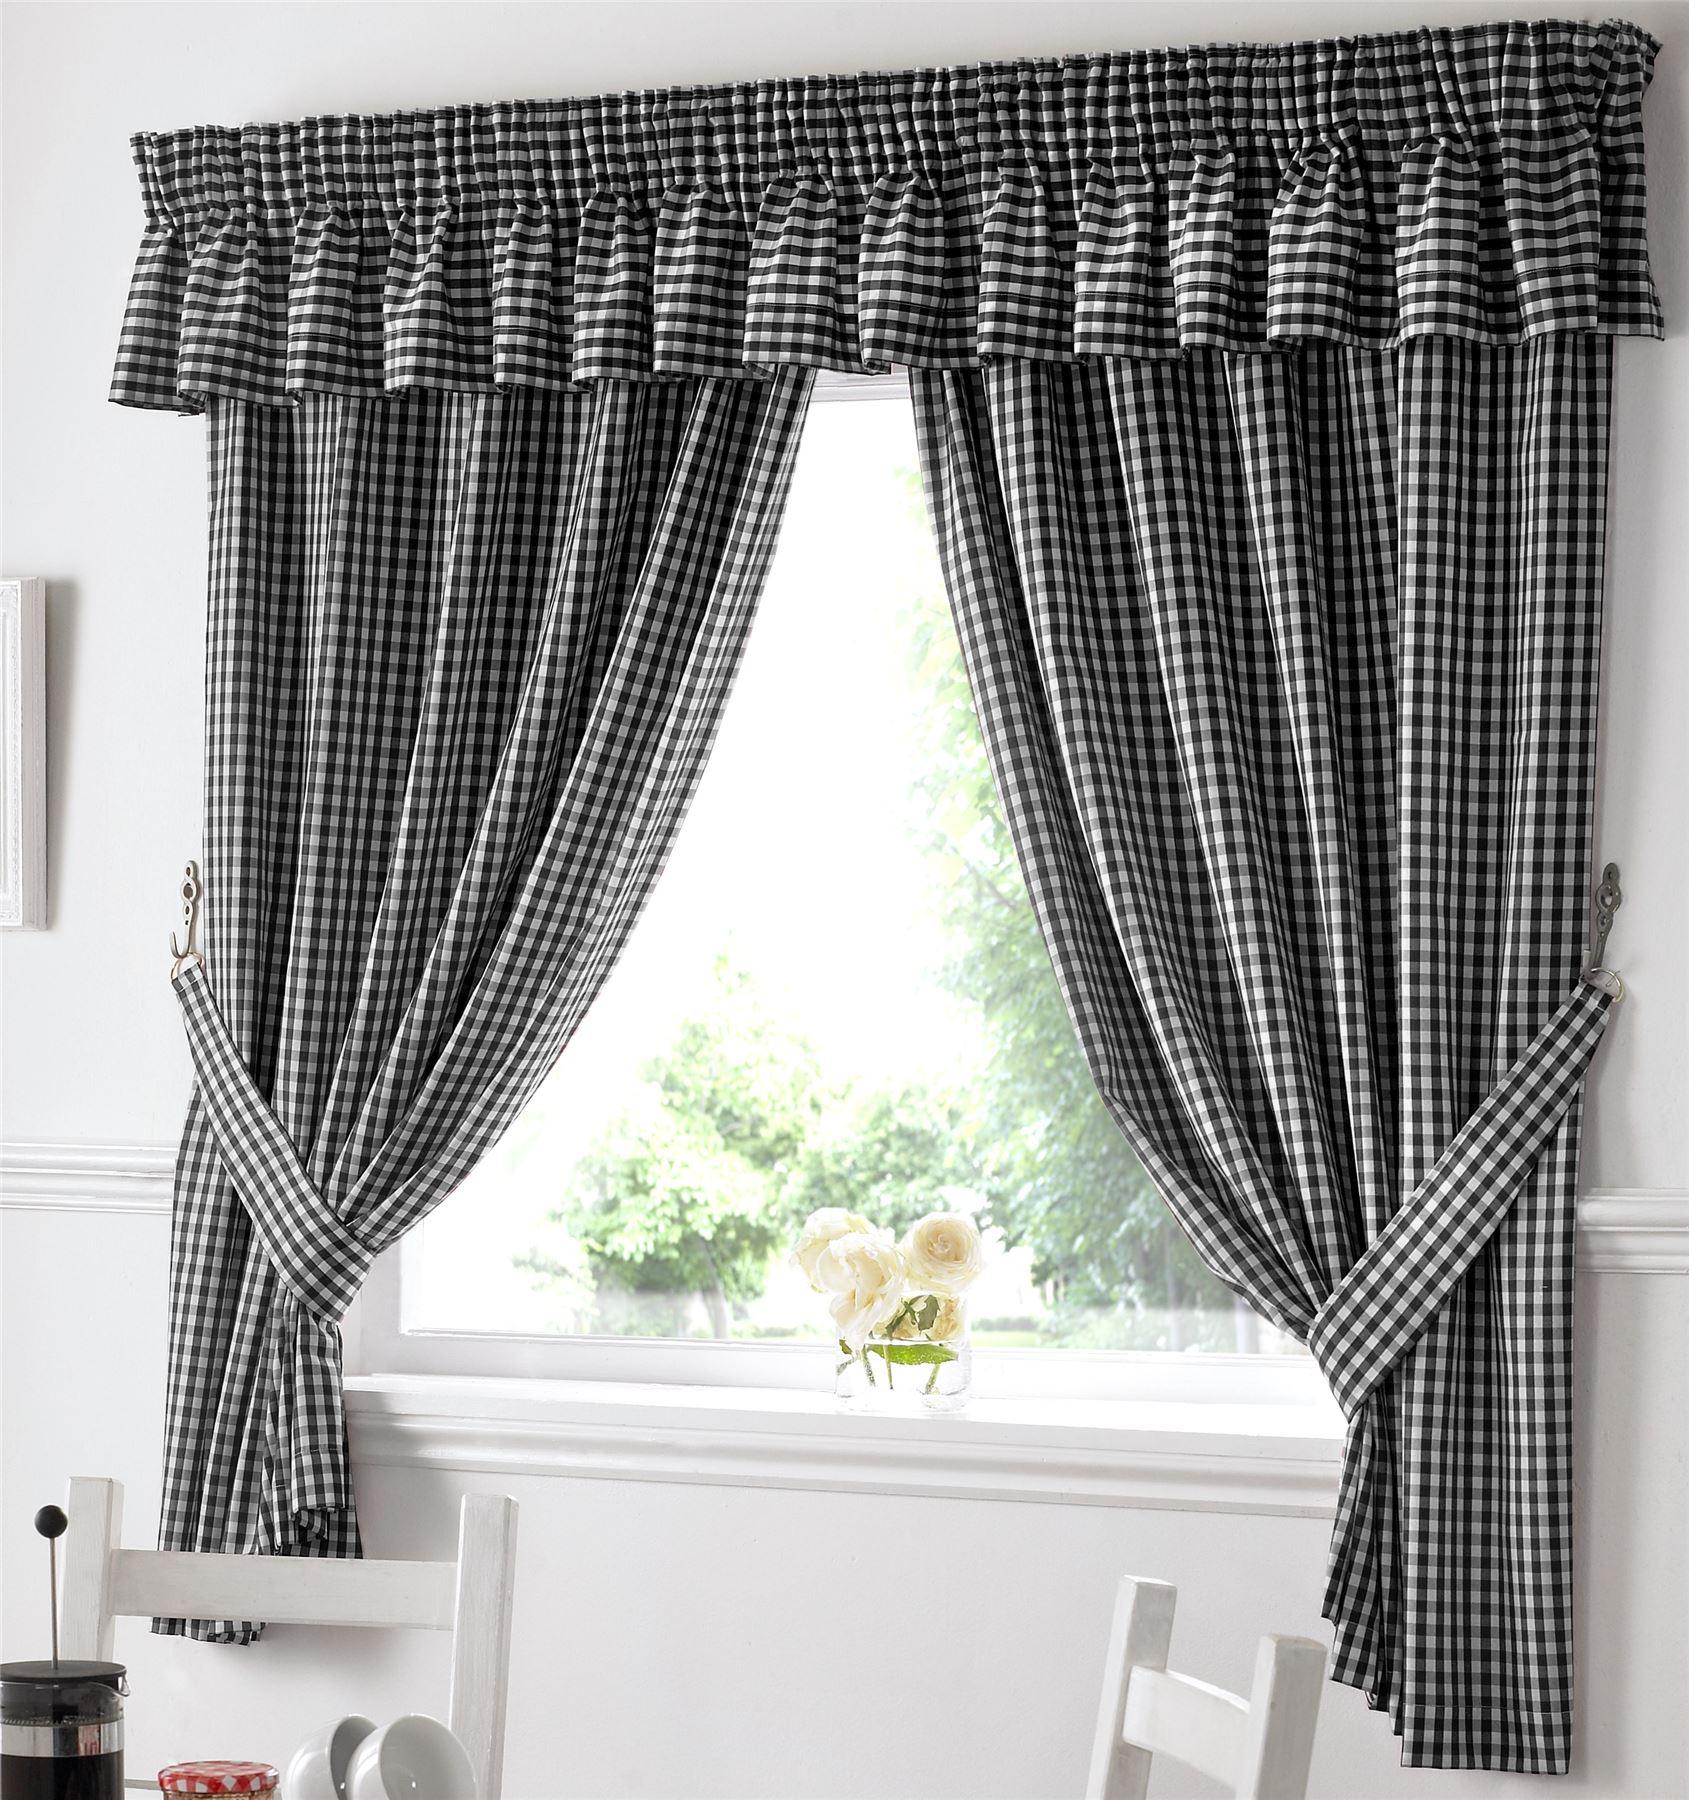 Gingham Küche Fenster Vorhänge passend Querbehang (Volant) NEU | eBay